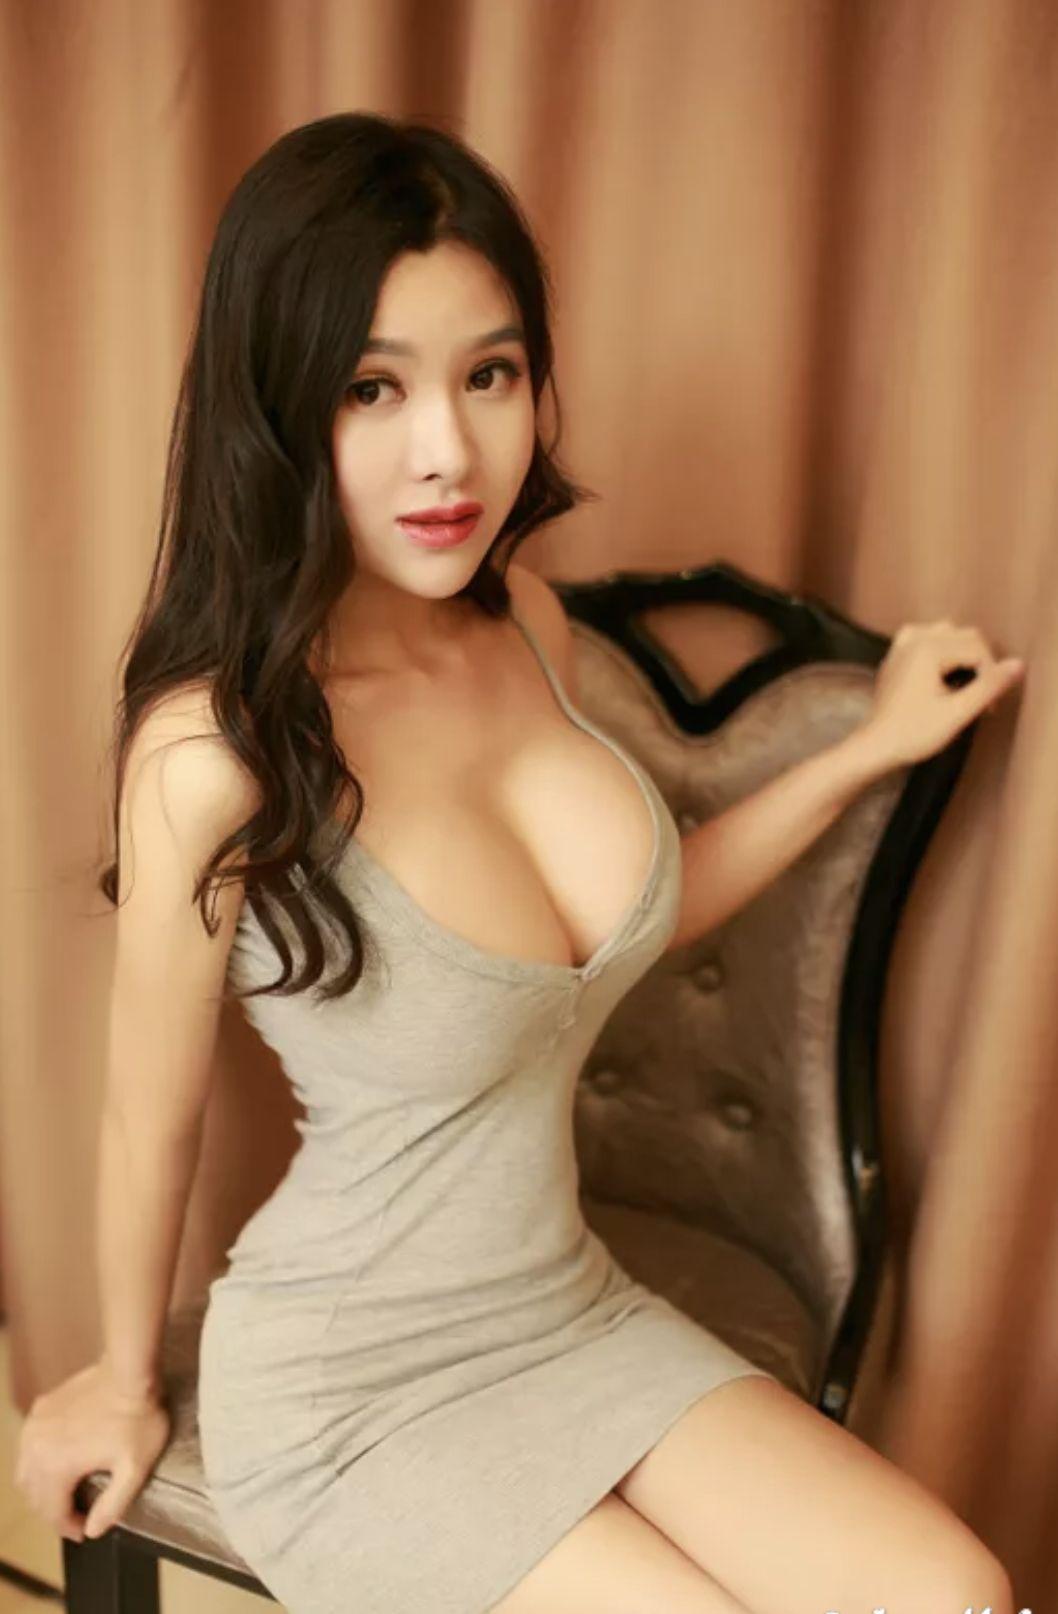 Woman hot asian 10 Best